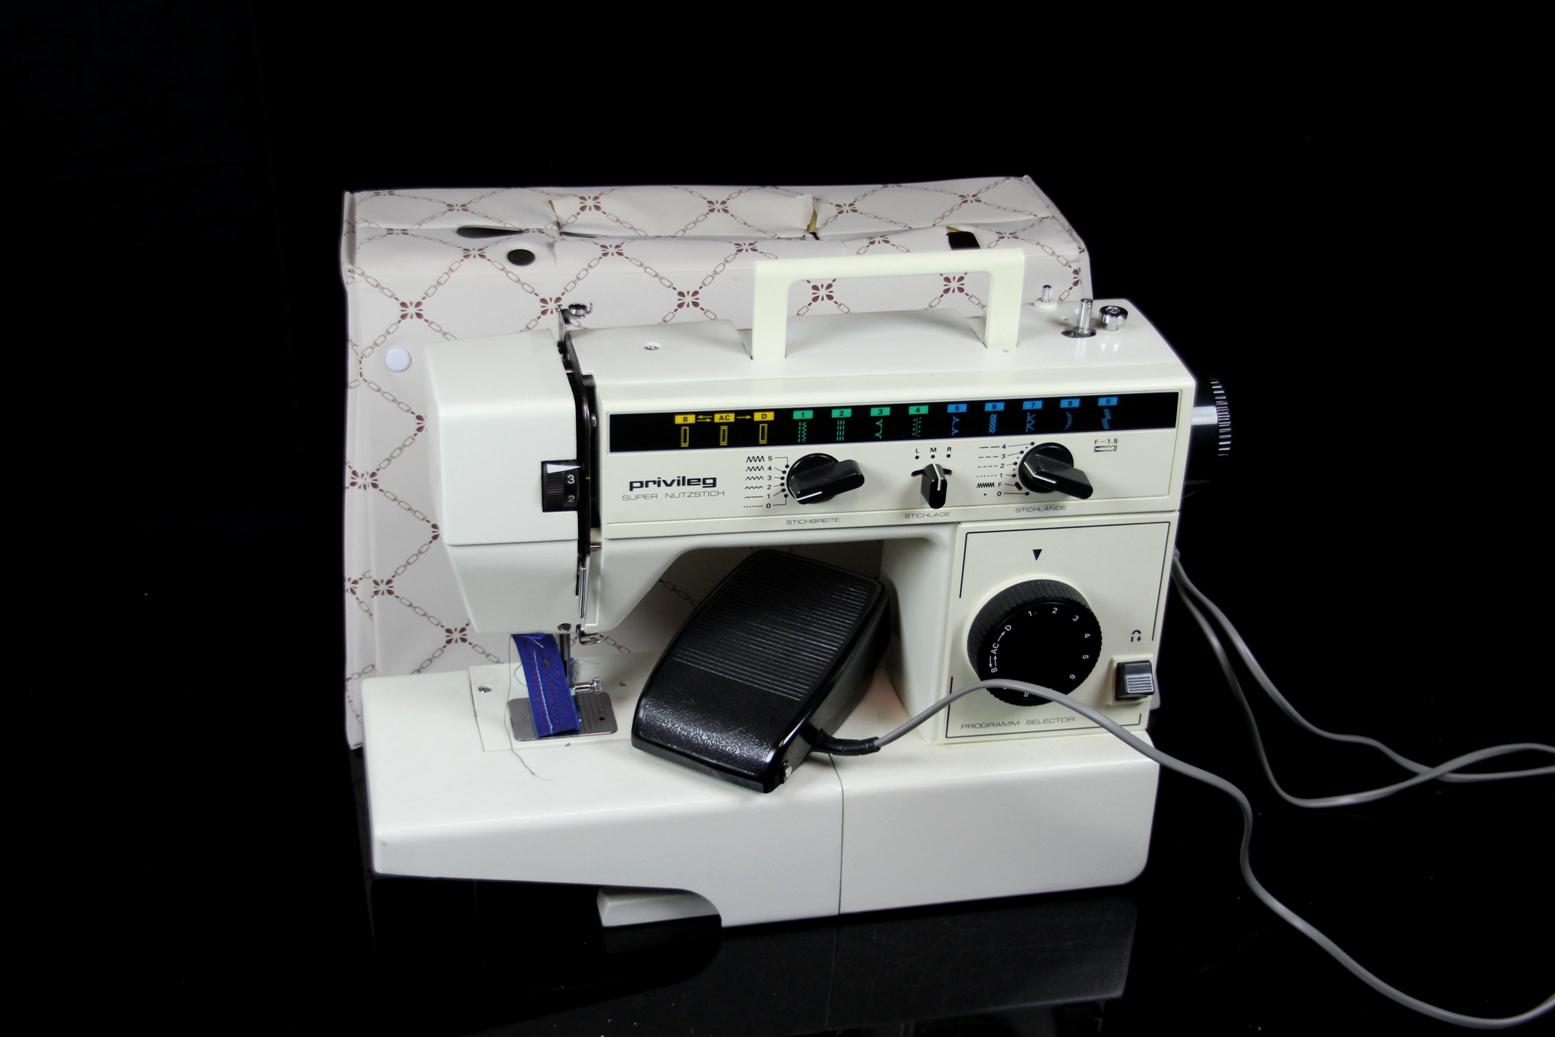 PRIVILEG Modell 663 Supernutzstich Haushalts Nähmaschine  # Nähmaschine Privileg Super Nutzstich Bedienungsanleitung